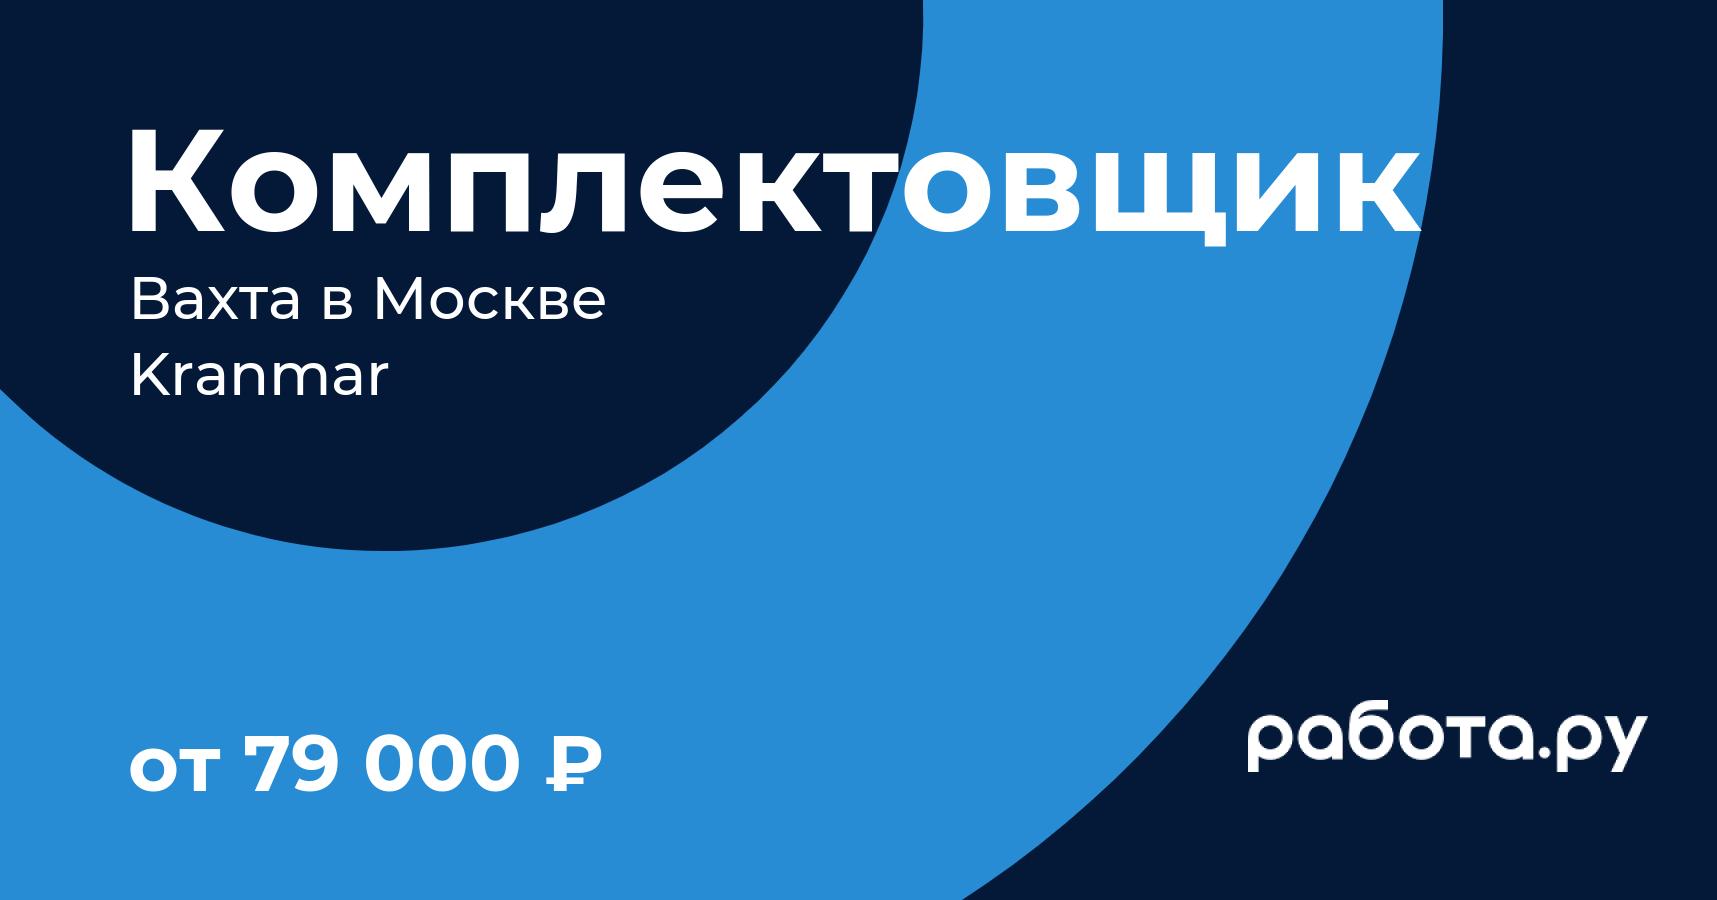 Фотомониторинг вакансии в москве